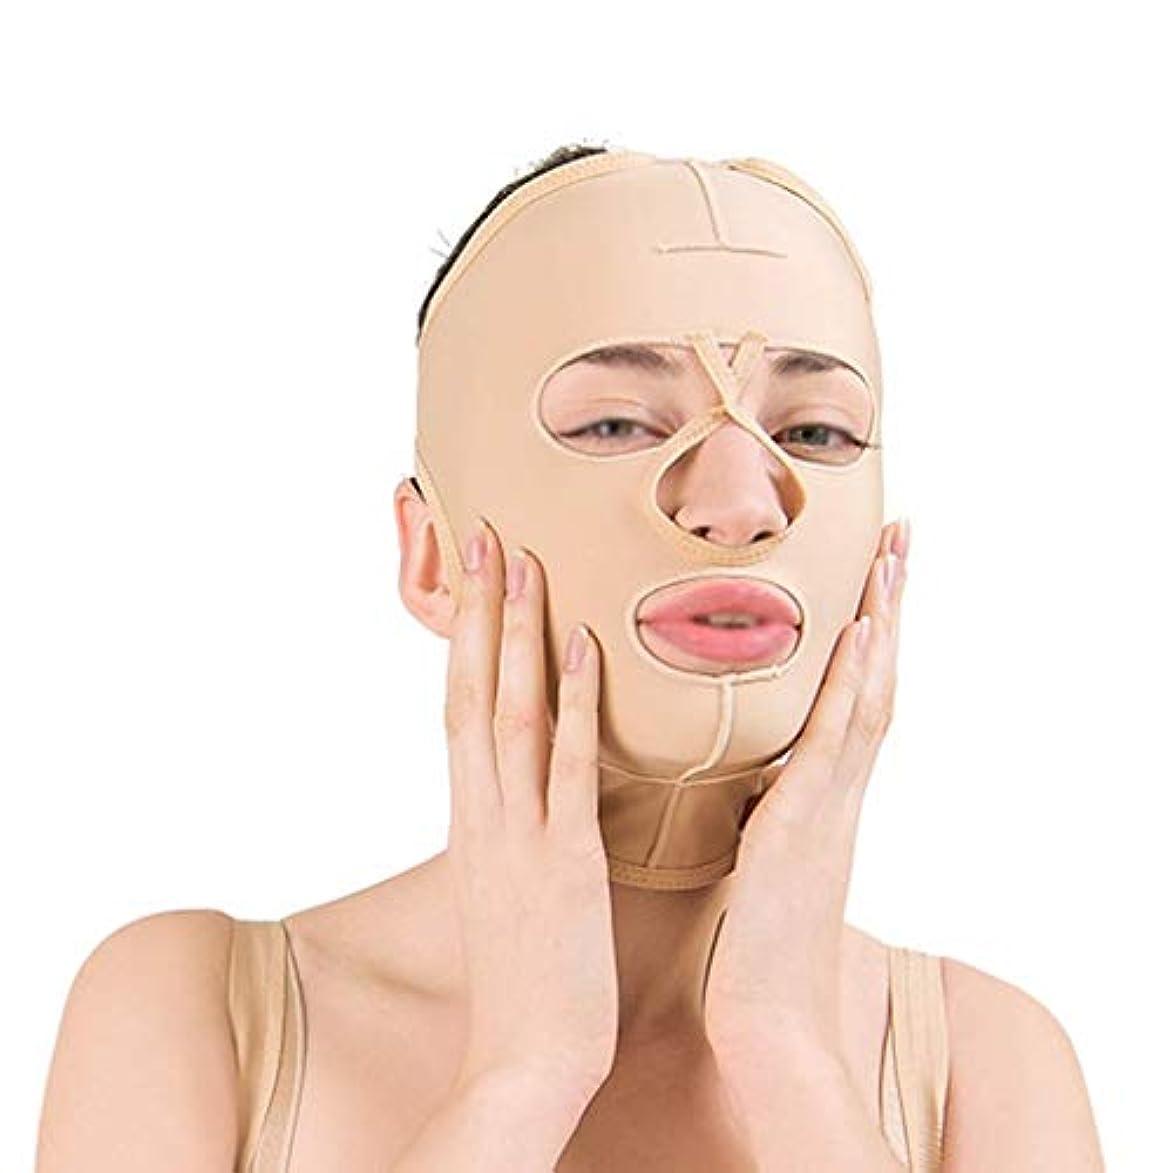 特徴づける実用的データムフェイススリミングマスク、フェイスバンデージ付きフェイシャル減量マスク、通気性フェイスリフト、引き締め、フェイスリフティング(サイズ:L),S